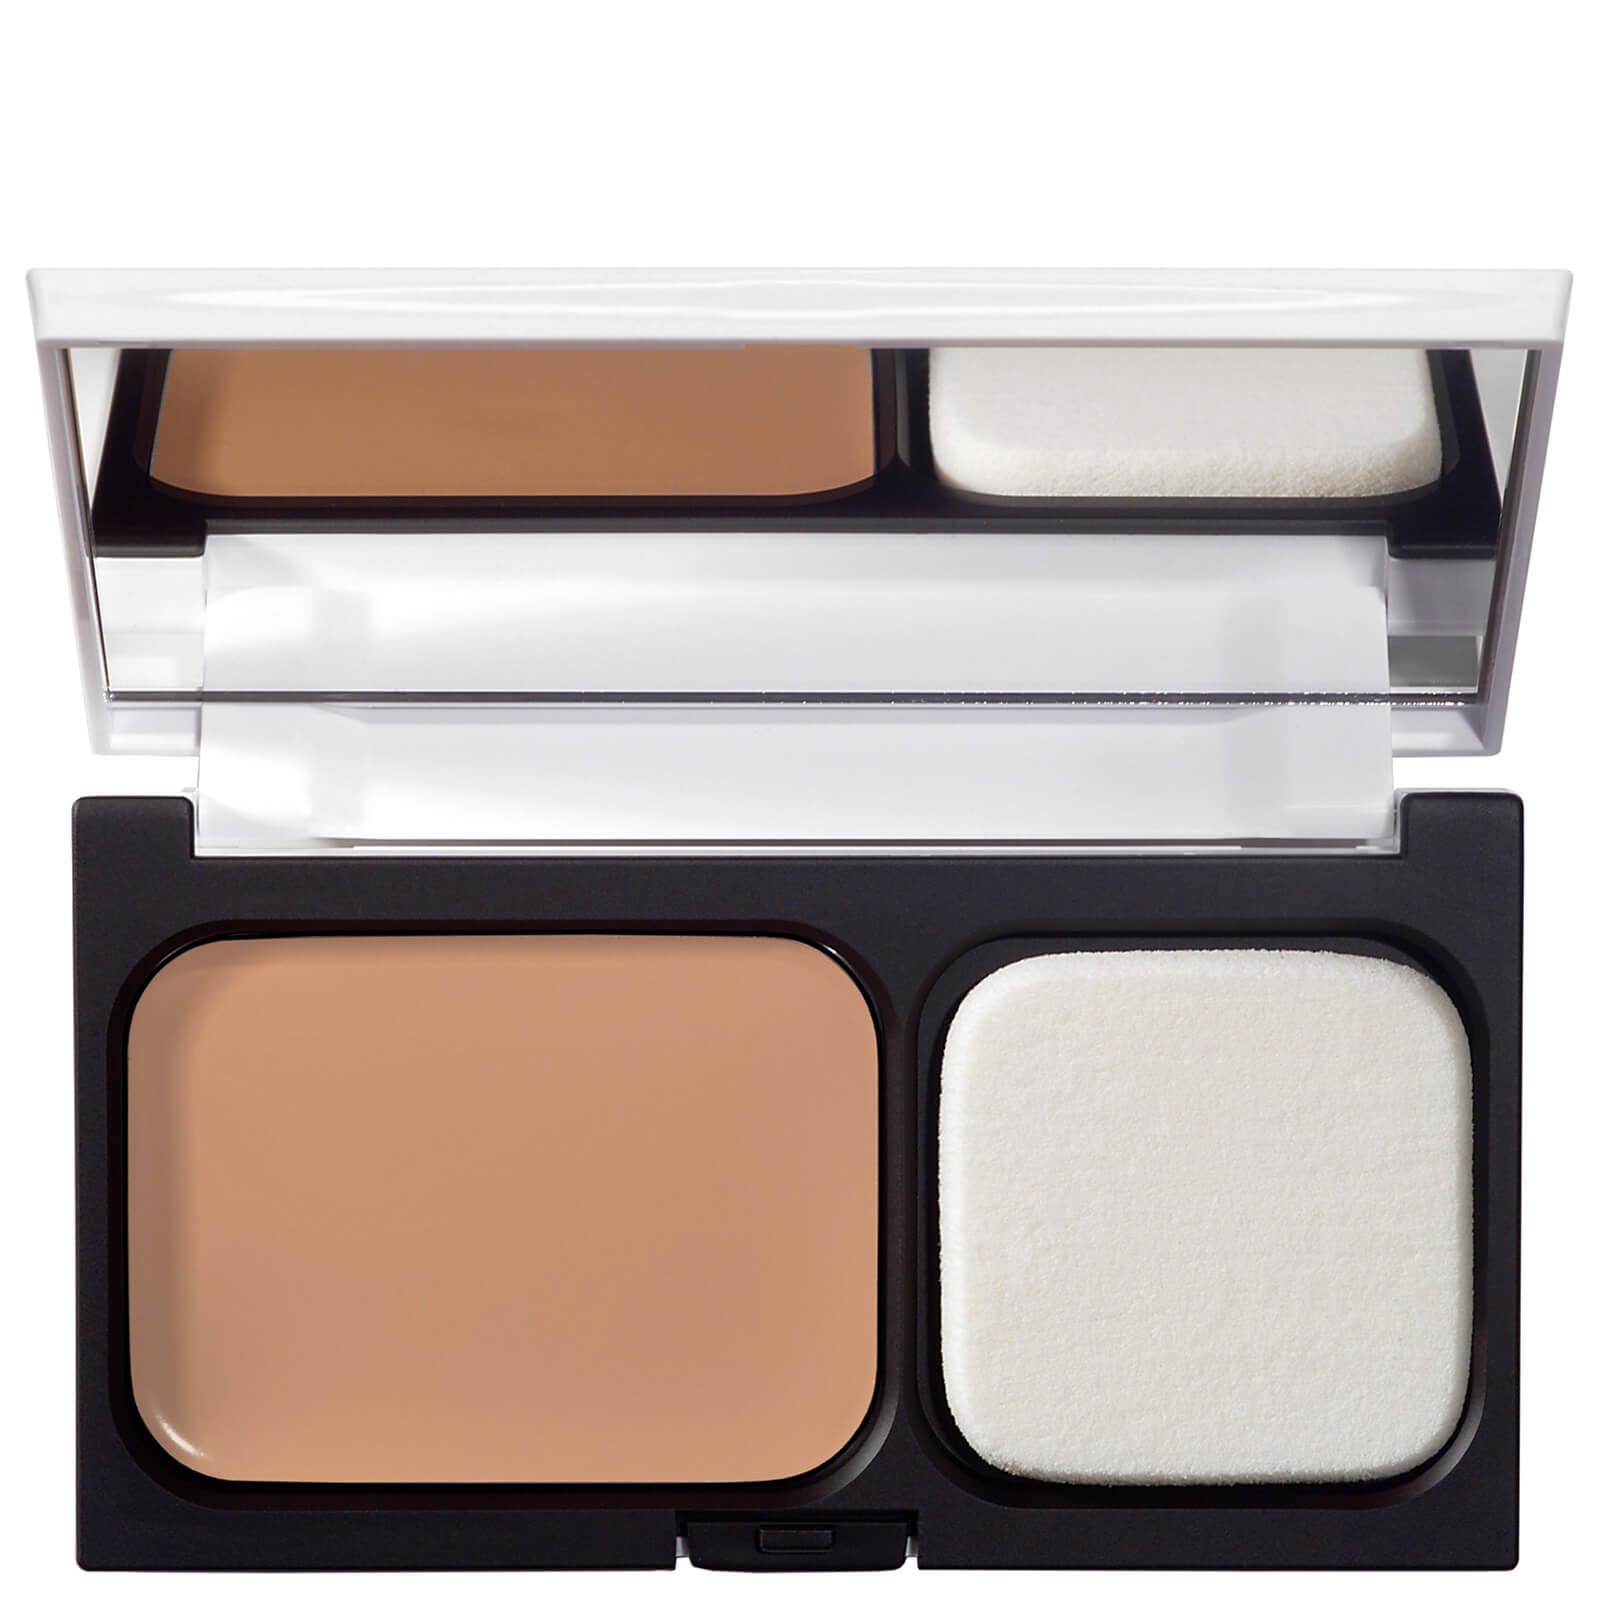 Купить Кремообразная компактная тональная основа diego dalla palma Cream Compact Foundation 8 мл (различные оттенки) - Natural Beige